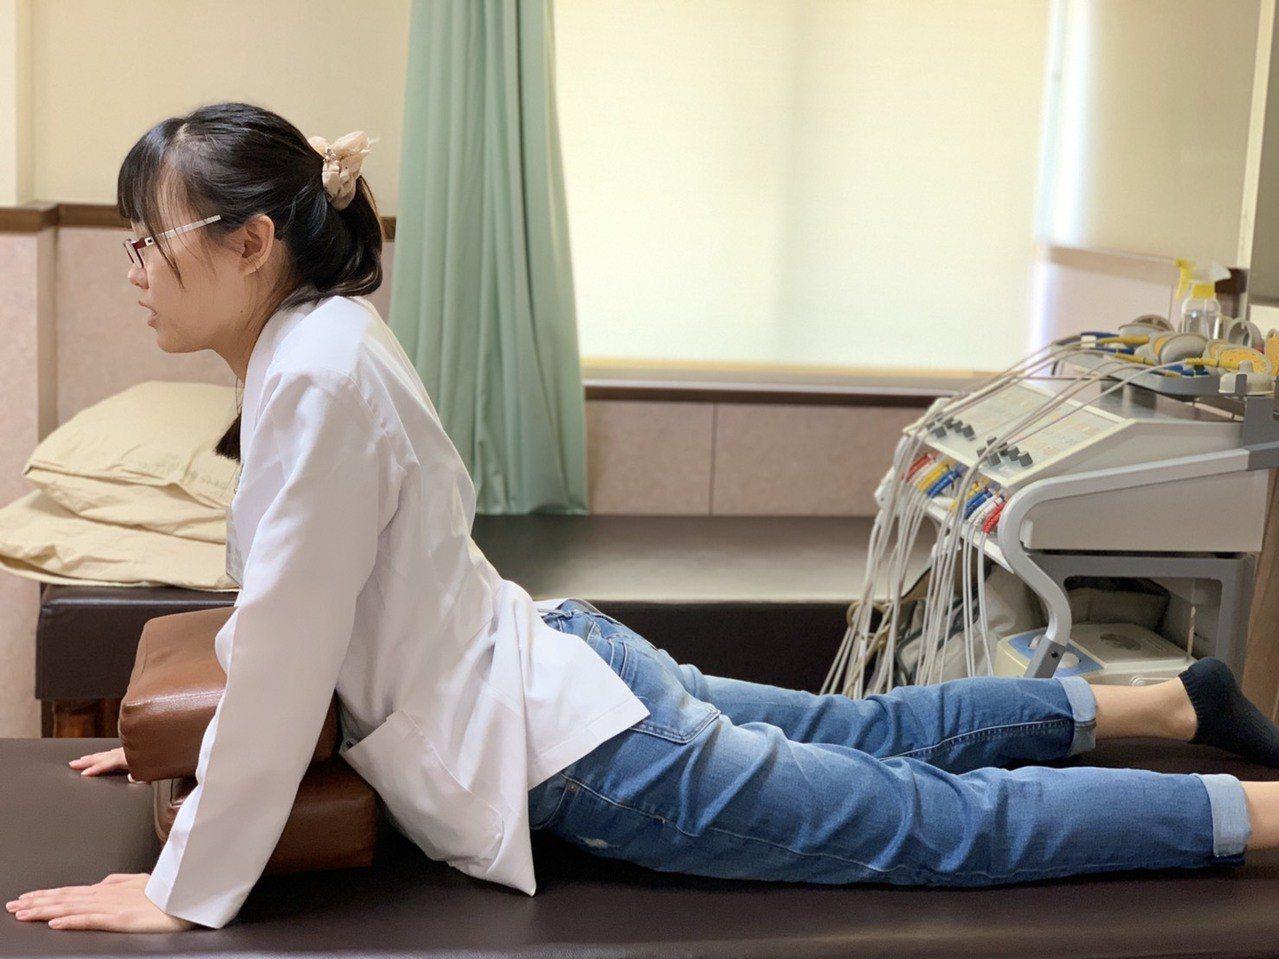 預防骨刺第二招「腰椎伸展運動」:趴平,以類似伏地挺身姿勢撐起上半身,骨盆仍留於地...